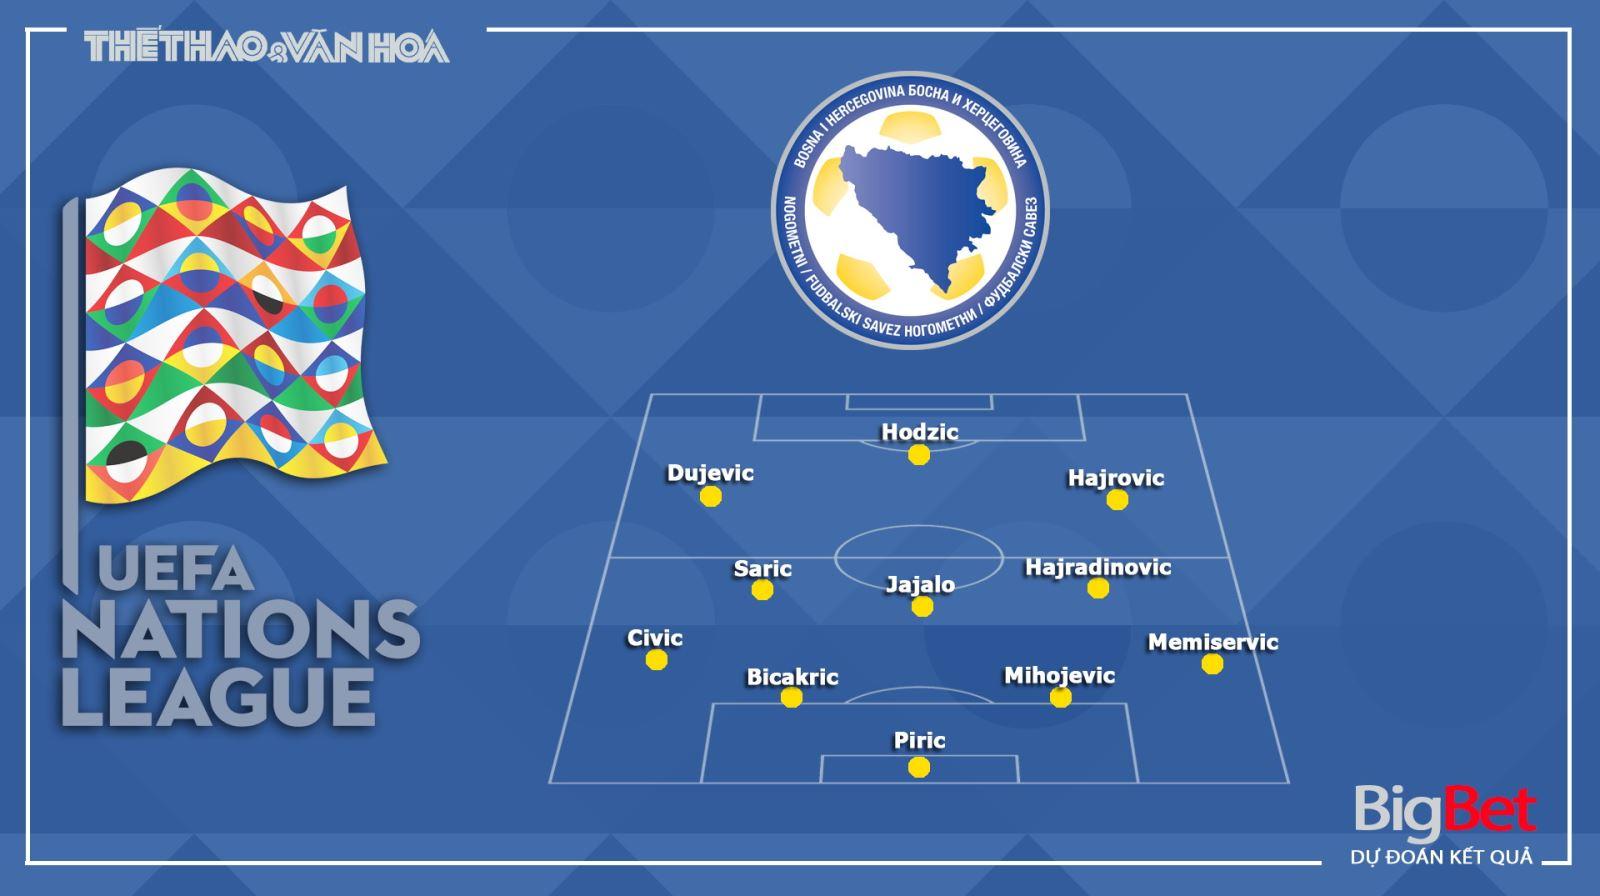 Keo nha cai, kèo nhà cái, Italy vsBosnia, UEFA Nations League 2020/2021, Trực tiếp BĐTV, Lịch thi đấu bóng đá hôm nay, Soi kèo Ý đá với Bosnia, Kèo bóng đá Italia